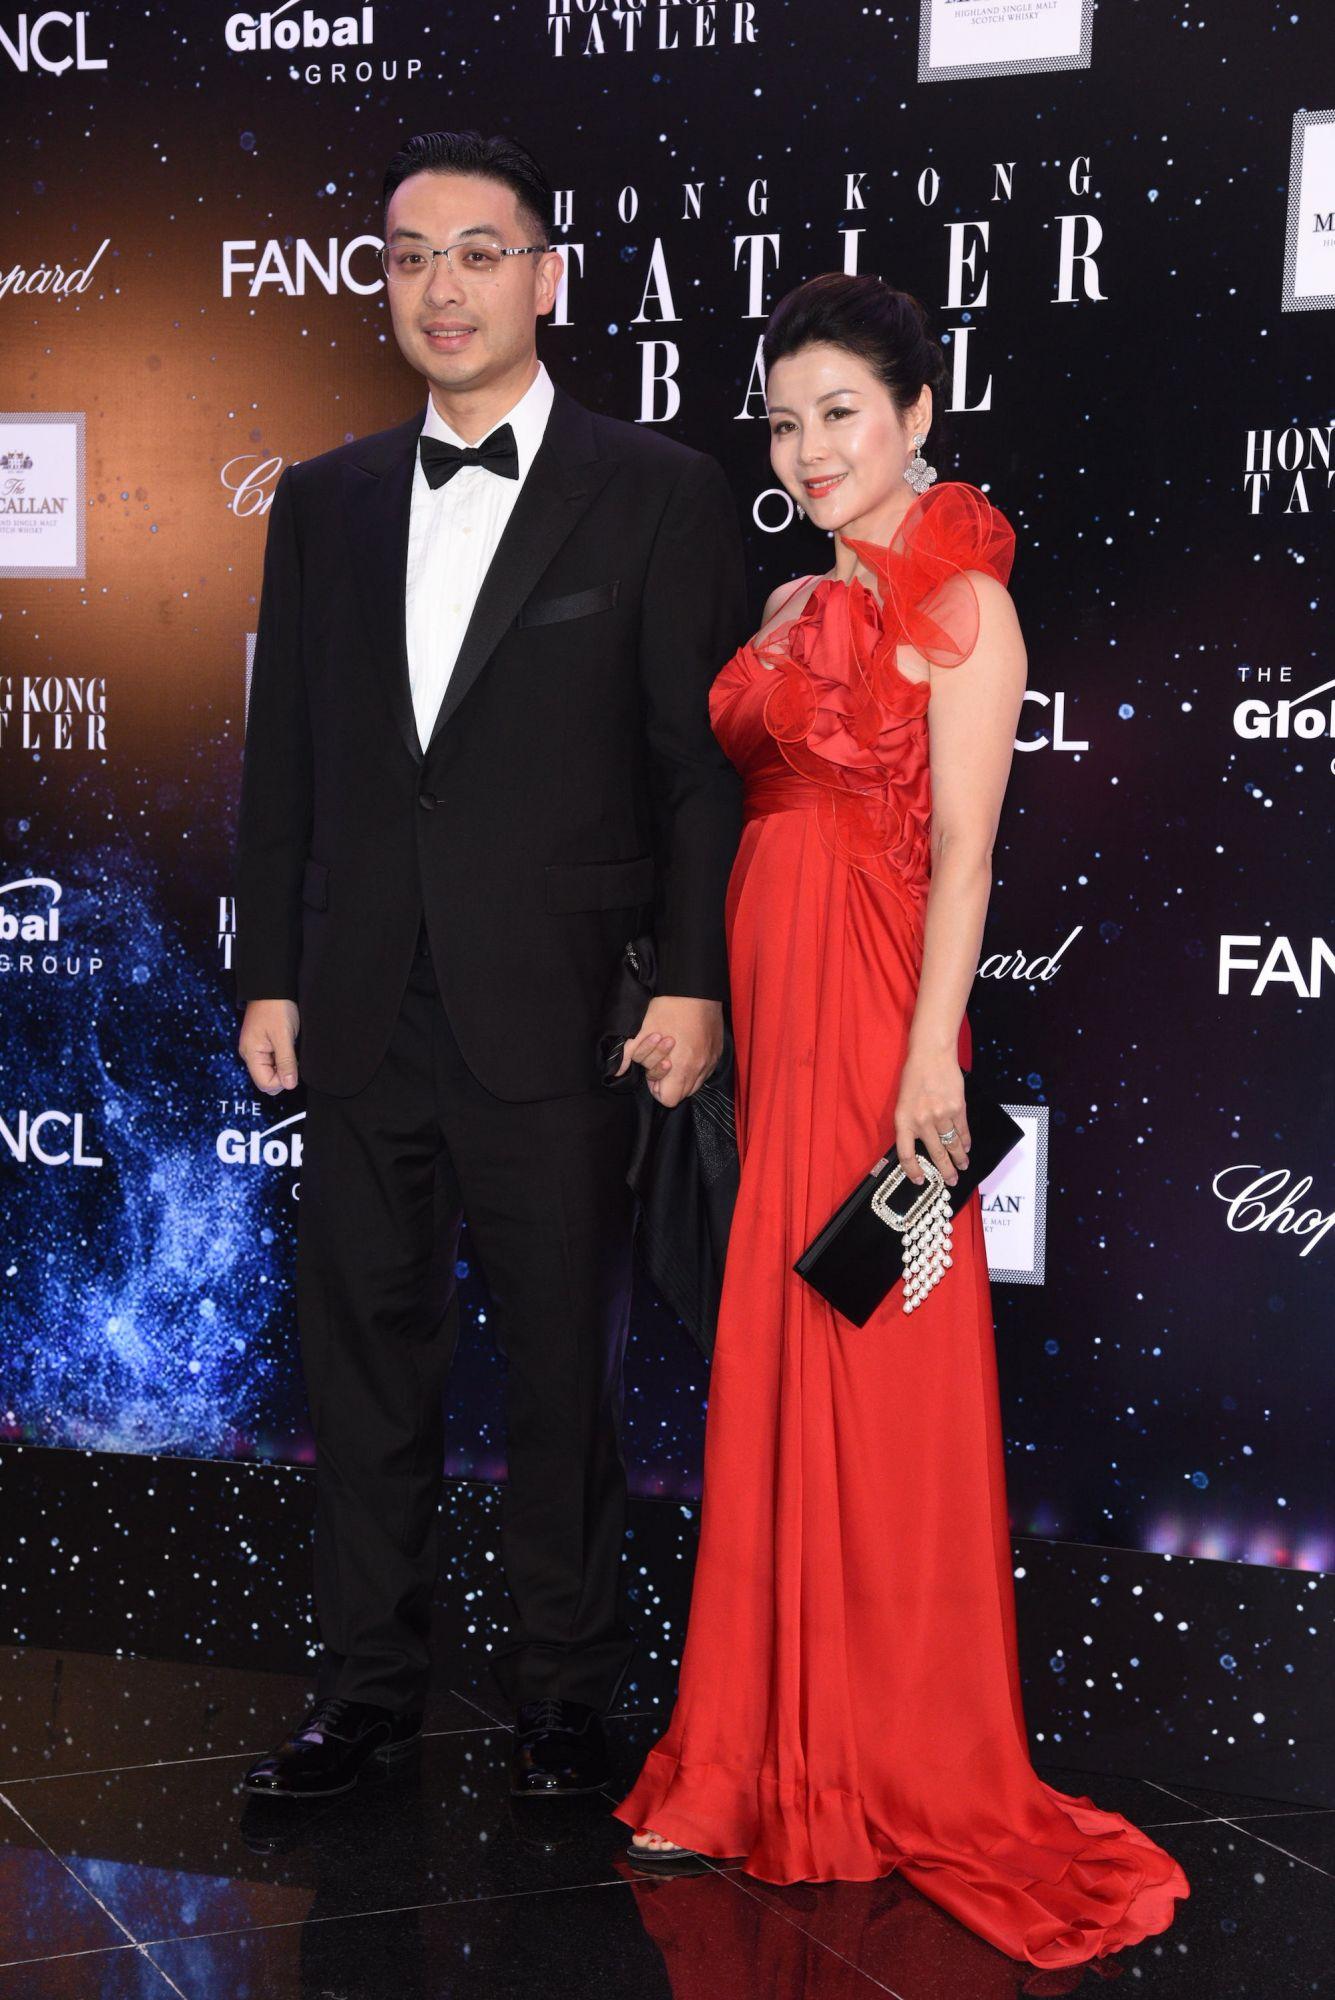 Johnny Hon, Vicky Xu